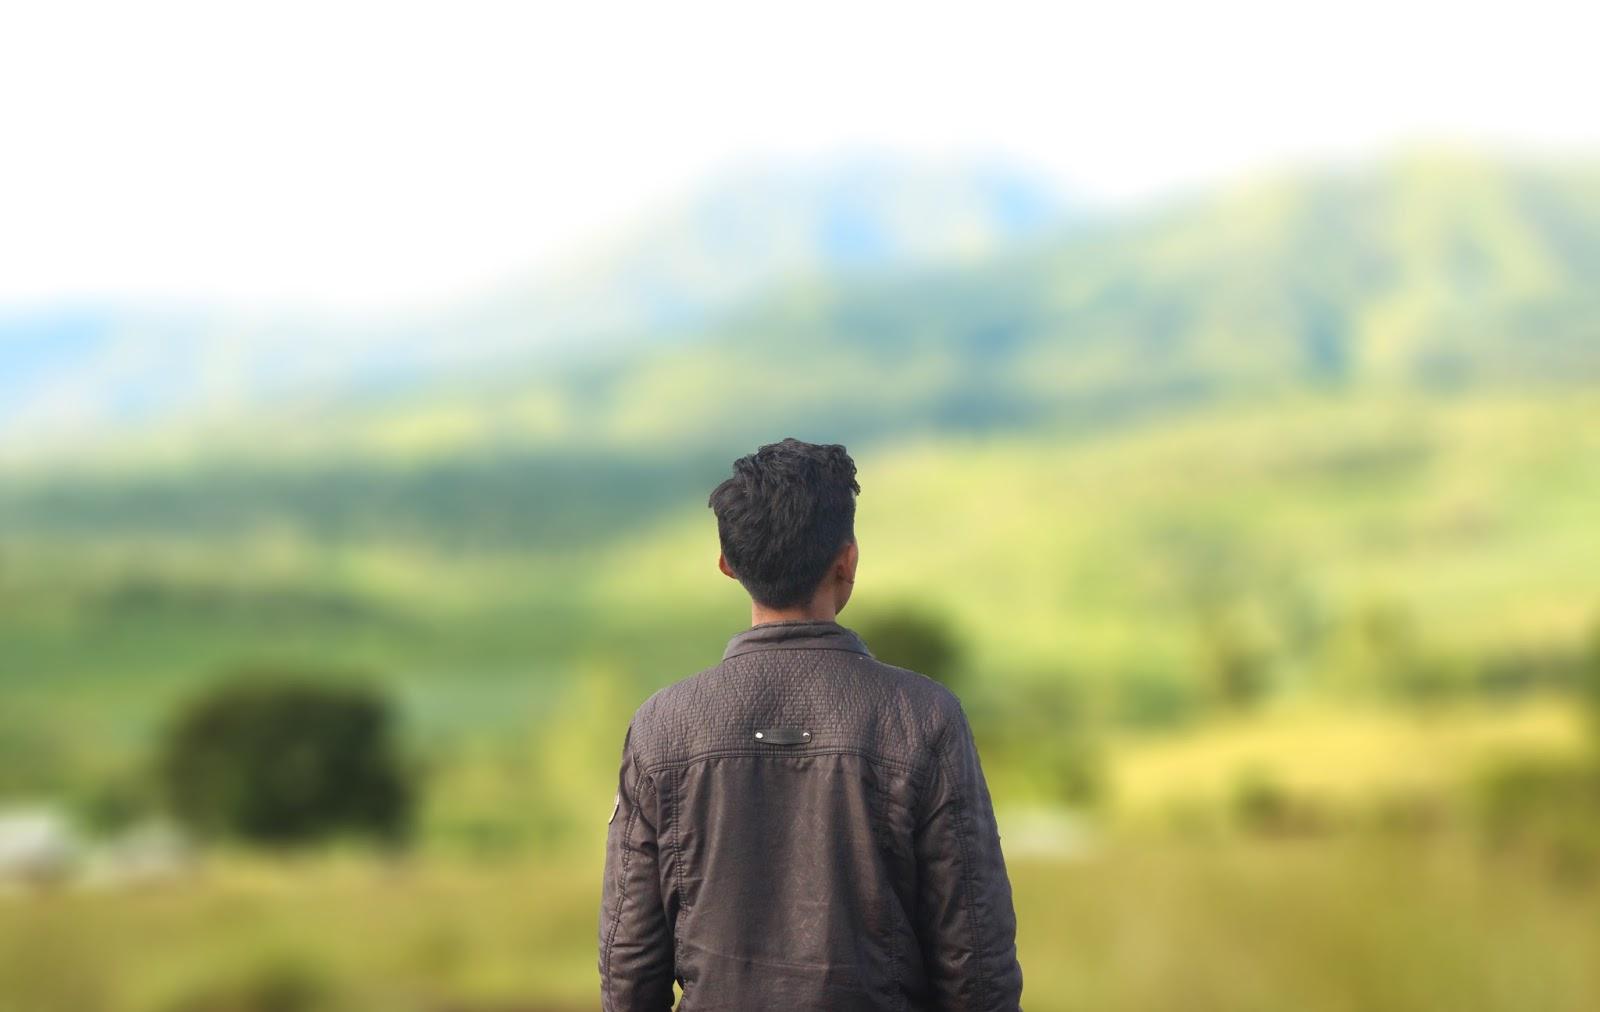 Cara memotret background blur dengan kamera hp